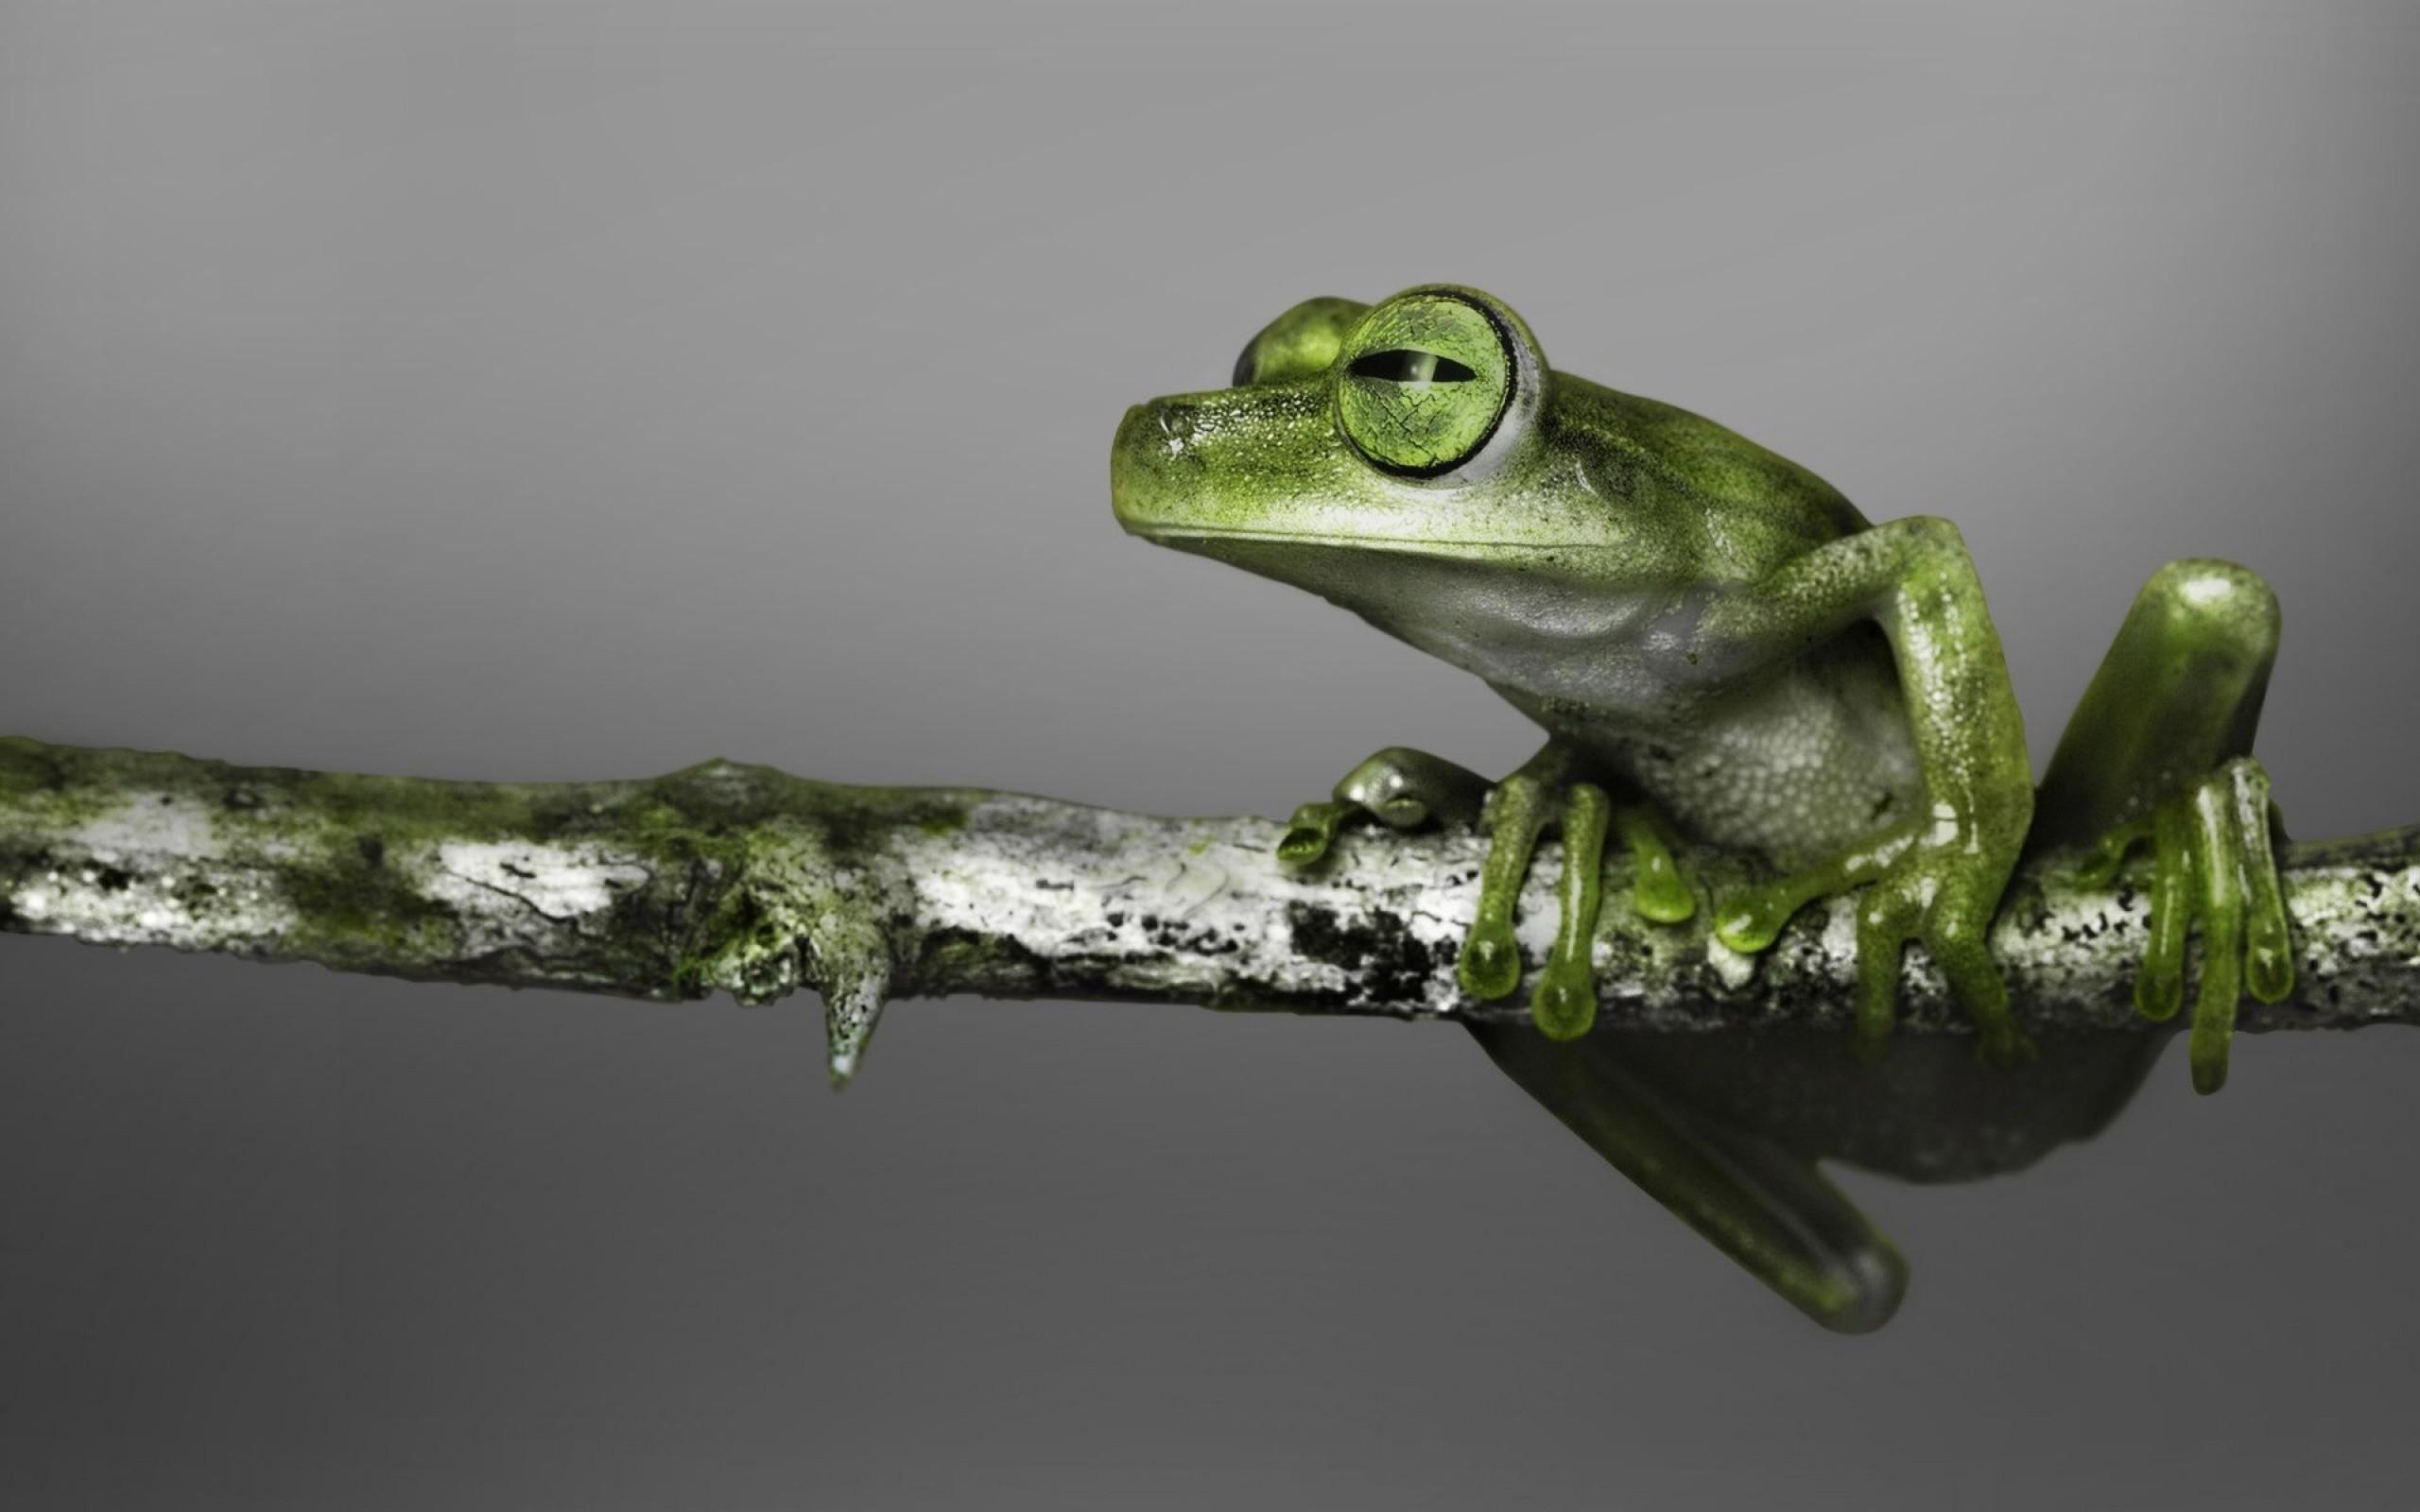 24761 Hintergrundbild herunterladen Tiere, Frösche - Bildschirmschoner und Bilder kostenlos